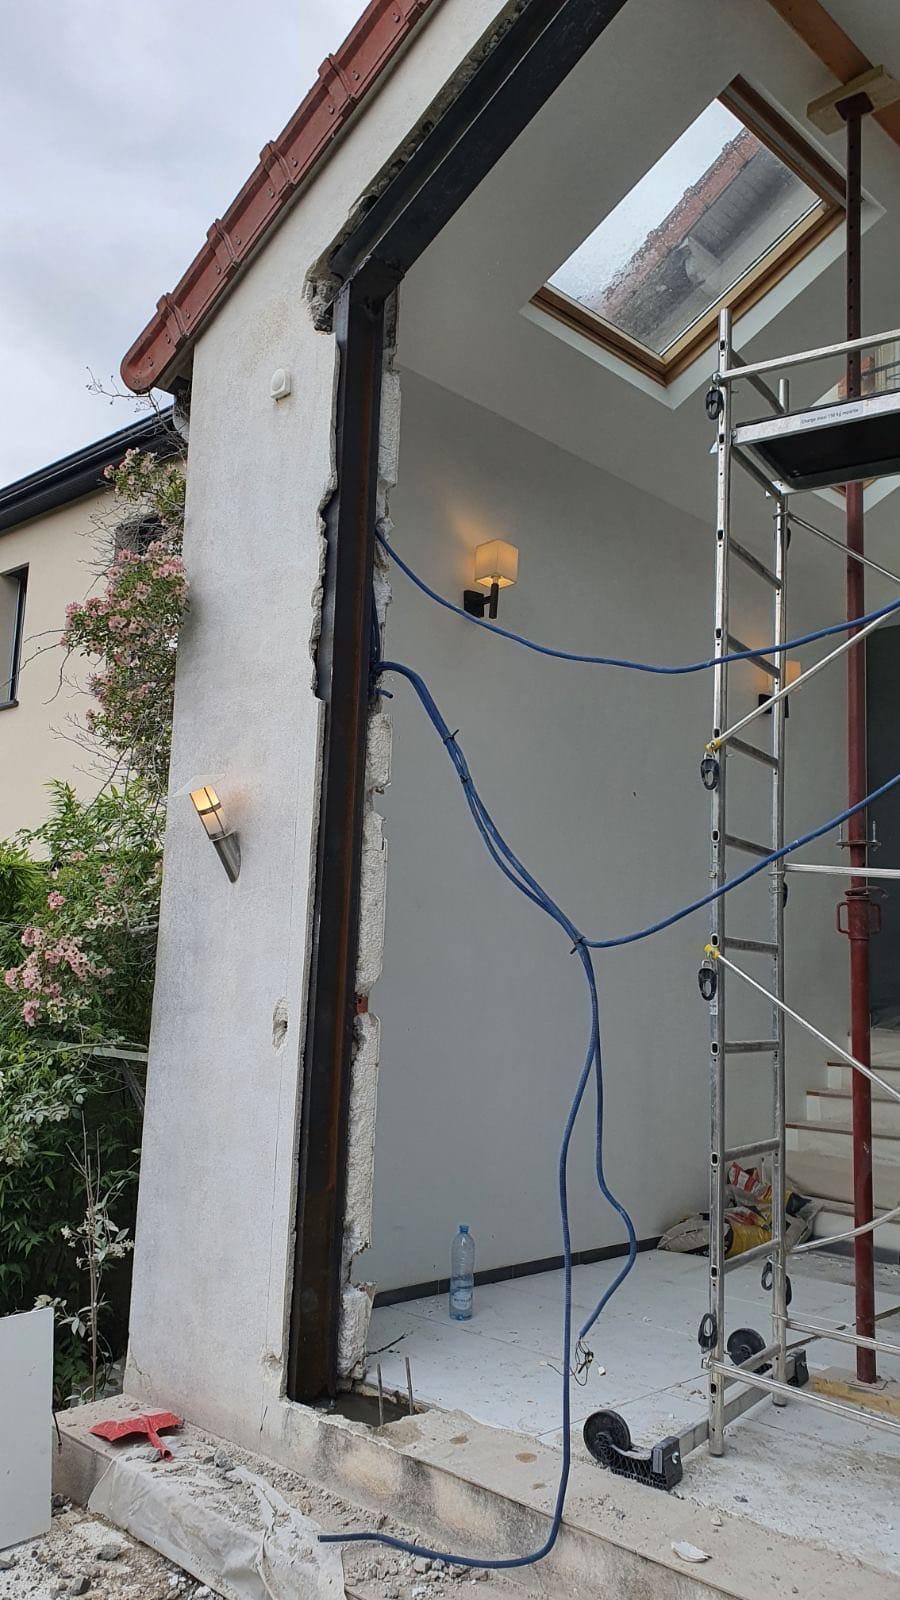 Agrandissement des ouvertures existantes dans les murs porteurs. Renforcement par structure métallique à La Valette-du-Var. - Agrandissement d'une baie